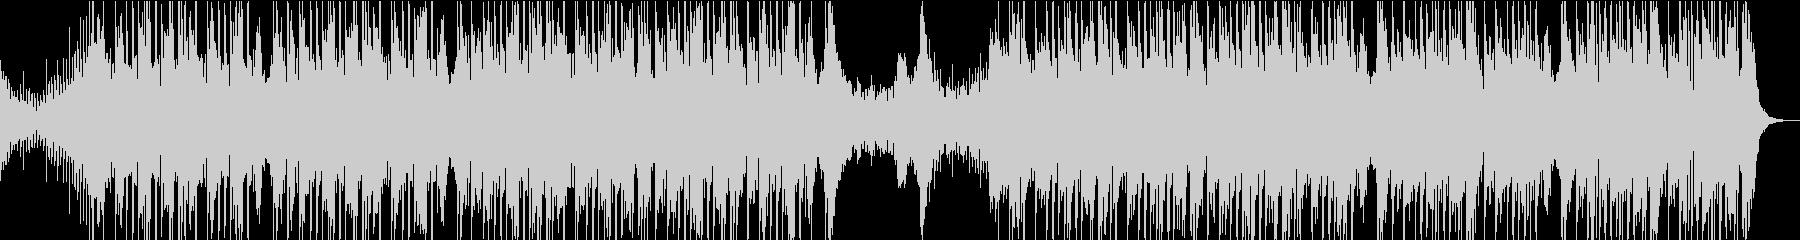 ダークな雰囲気のダブステップの未再生の波形